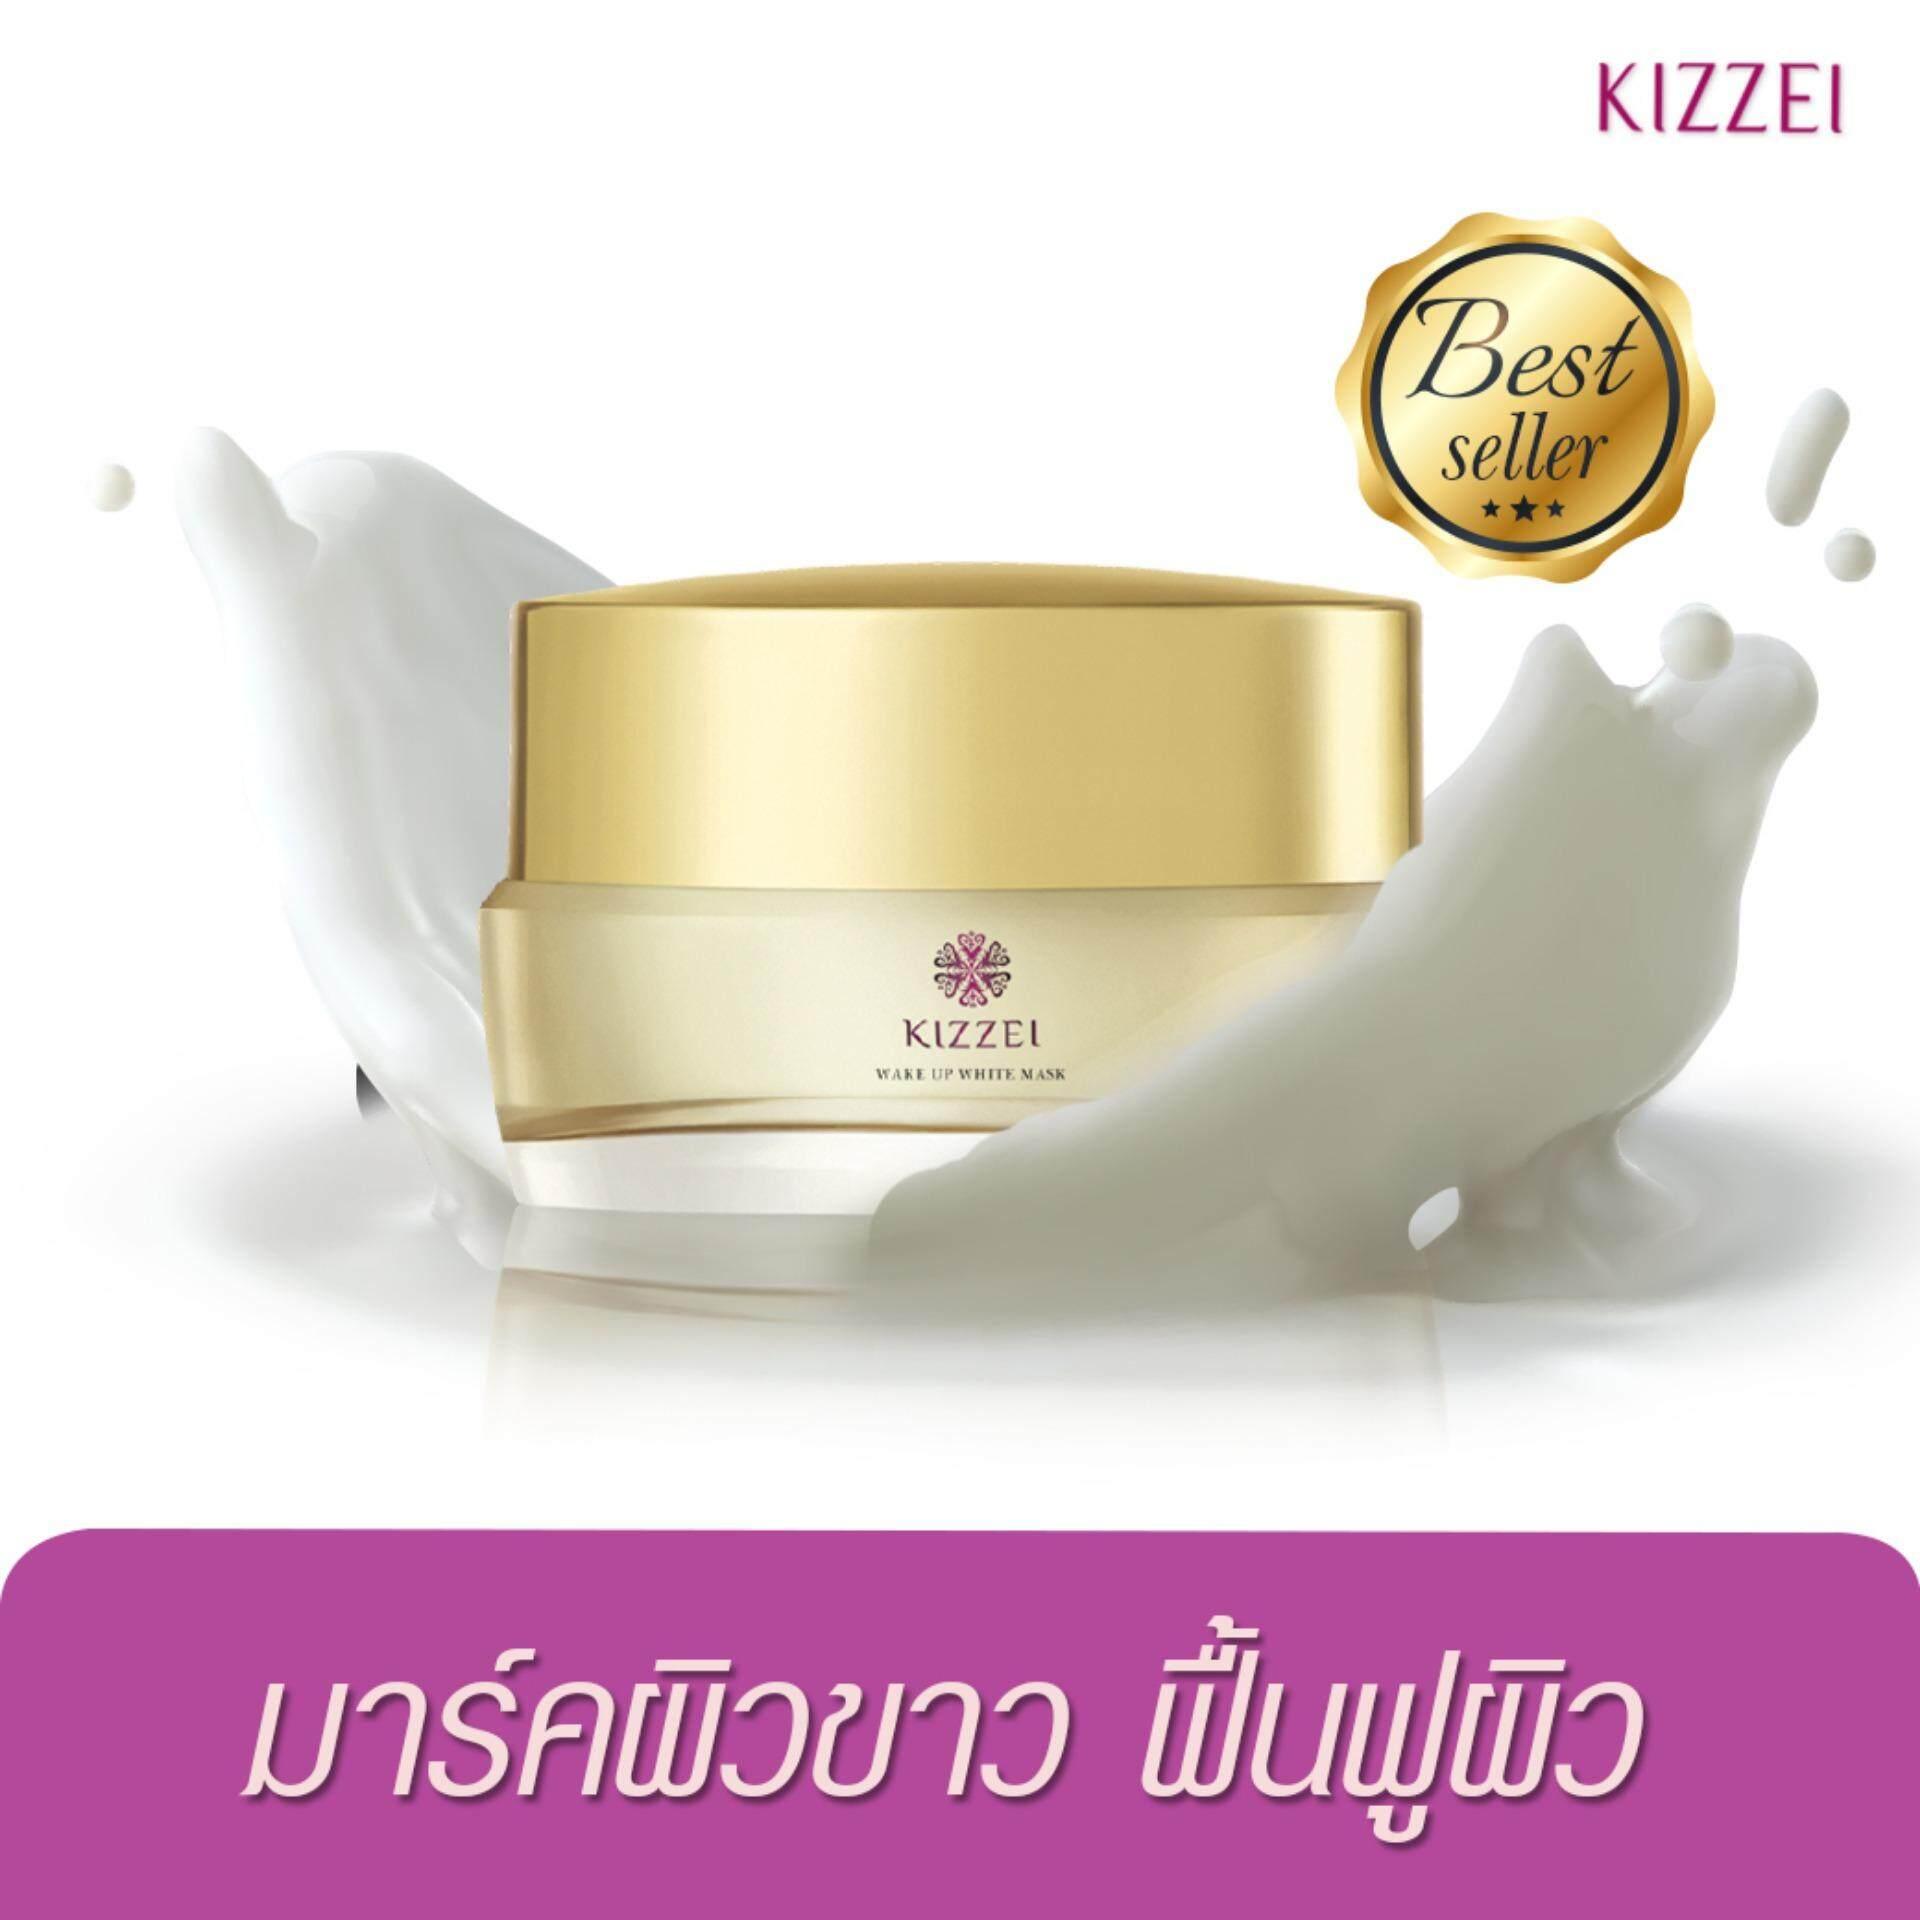 โปรโมชั่น Kizzei มาร์คผิวขาว ฟื้นฟูผิวพัง Wake Up White 30G มาร์กหน้าเด้ง ของแท้ 100 ส่งเร็ว Kizzei